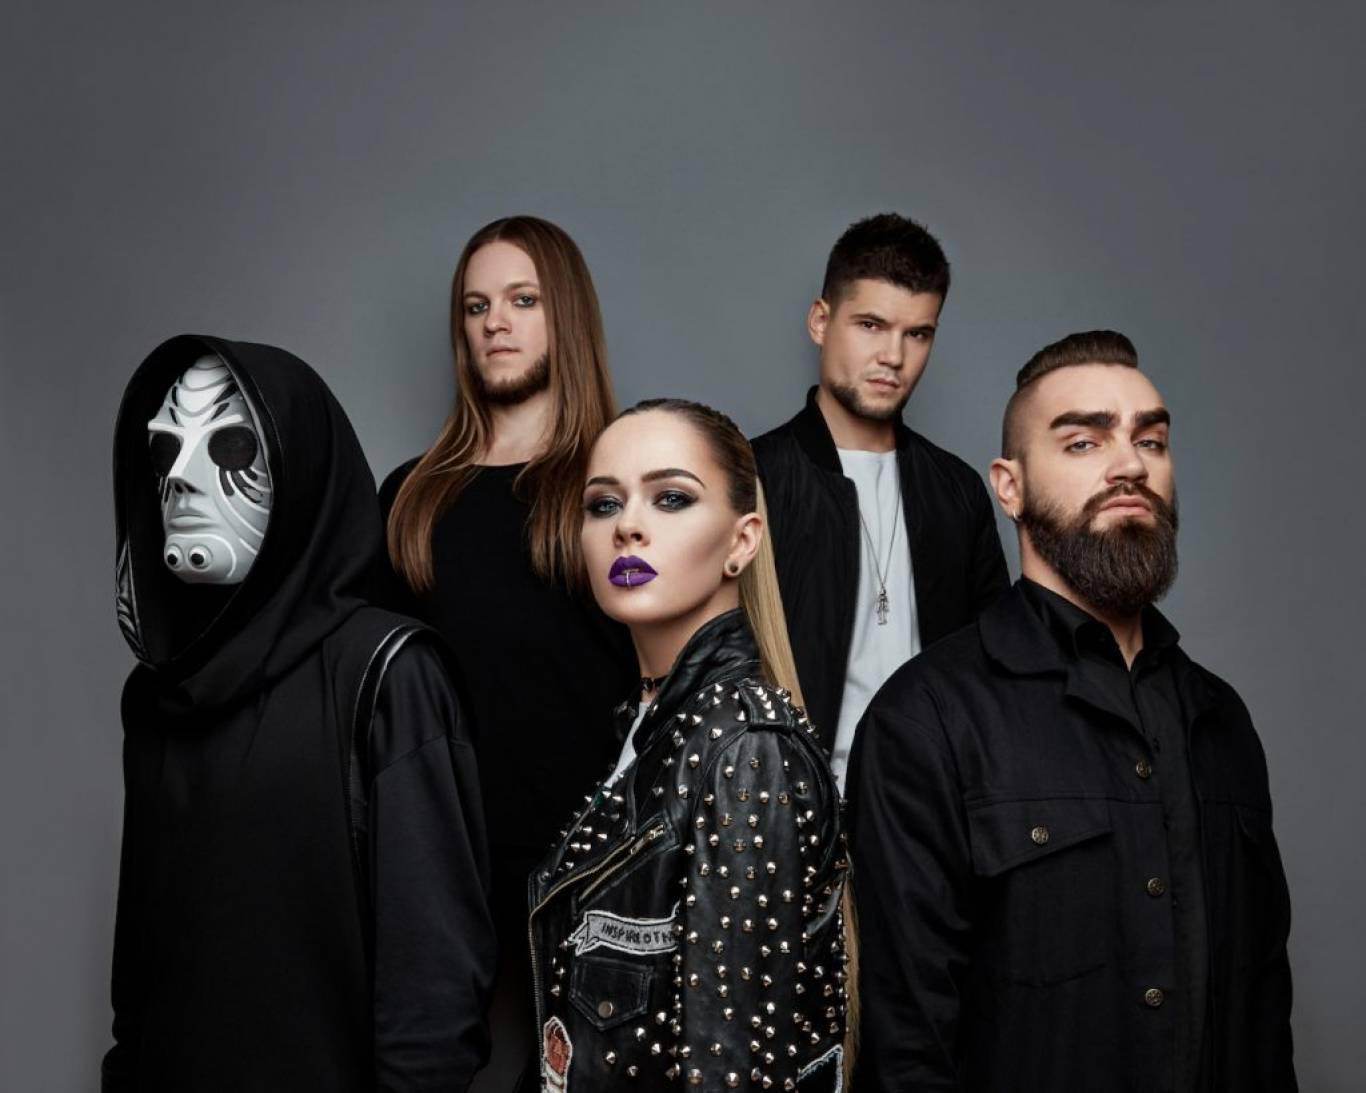 The Hardkiss обнародовали свой новый клип на песню «Серце»